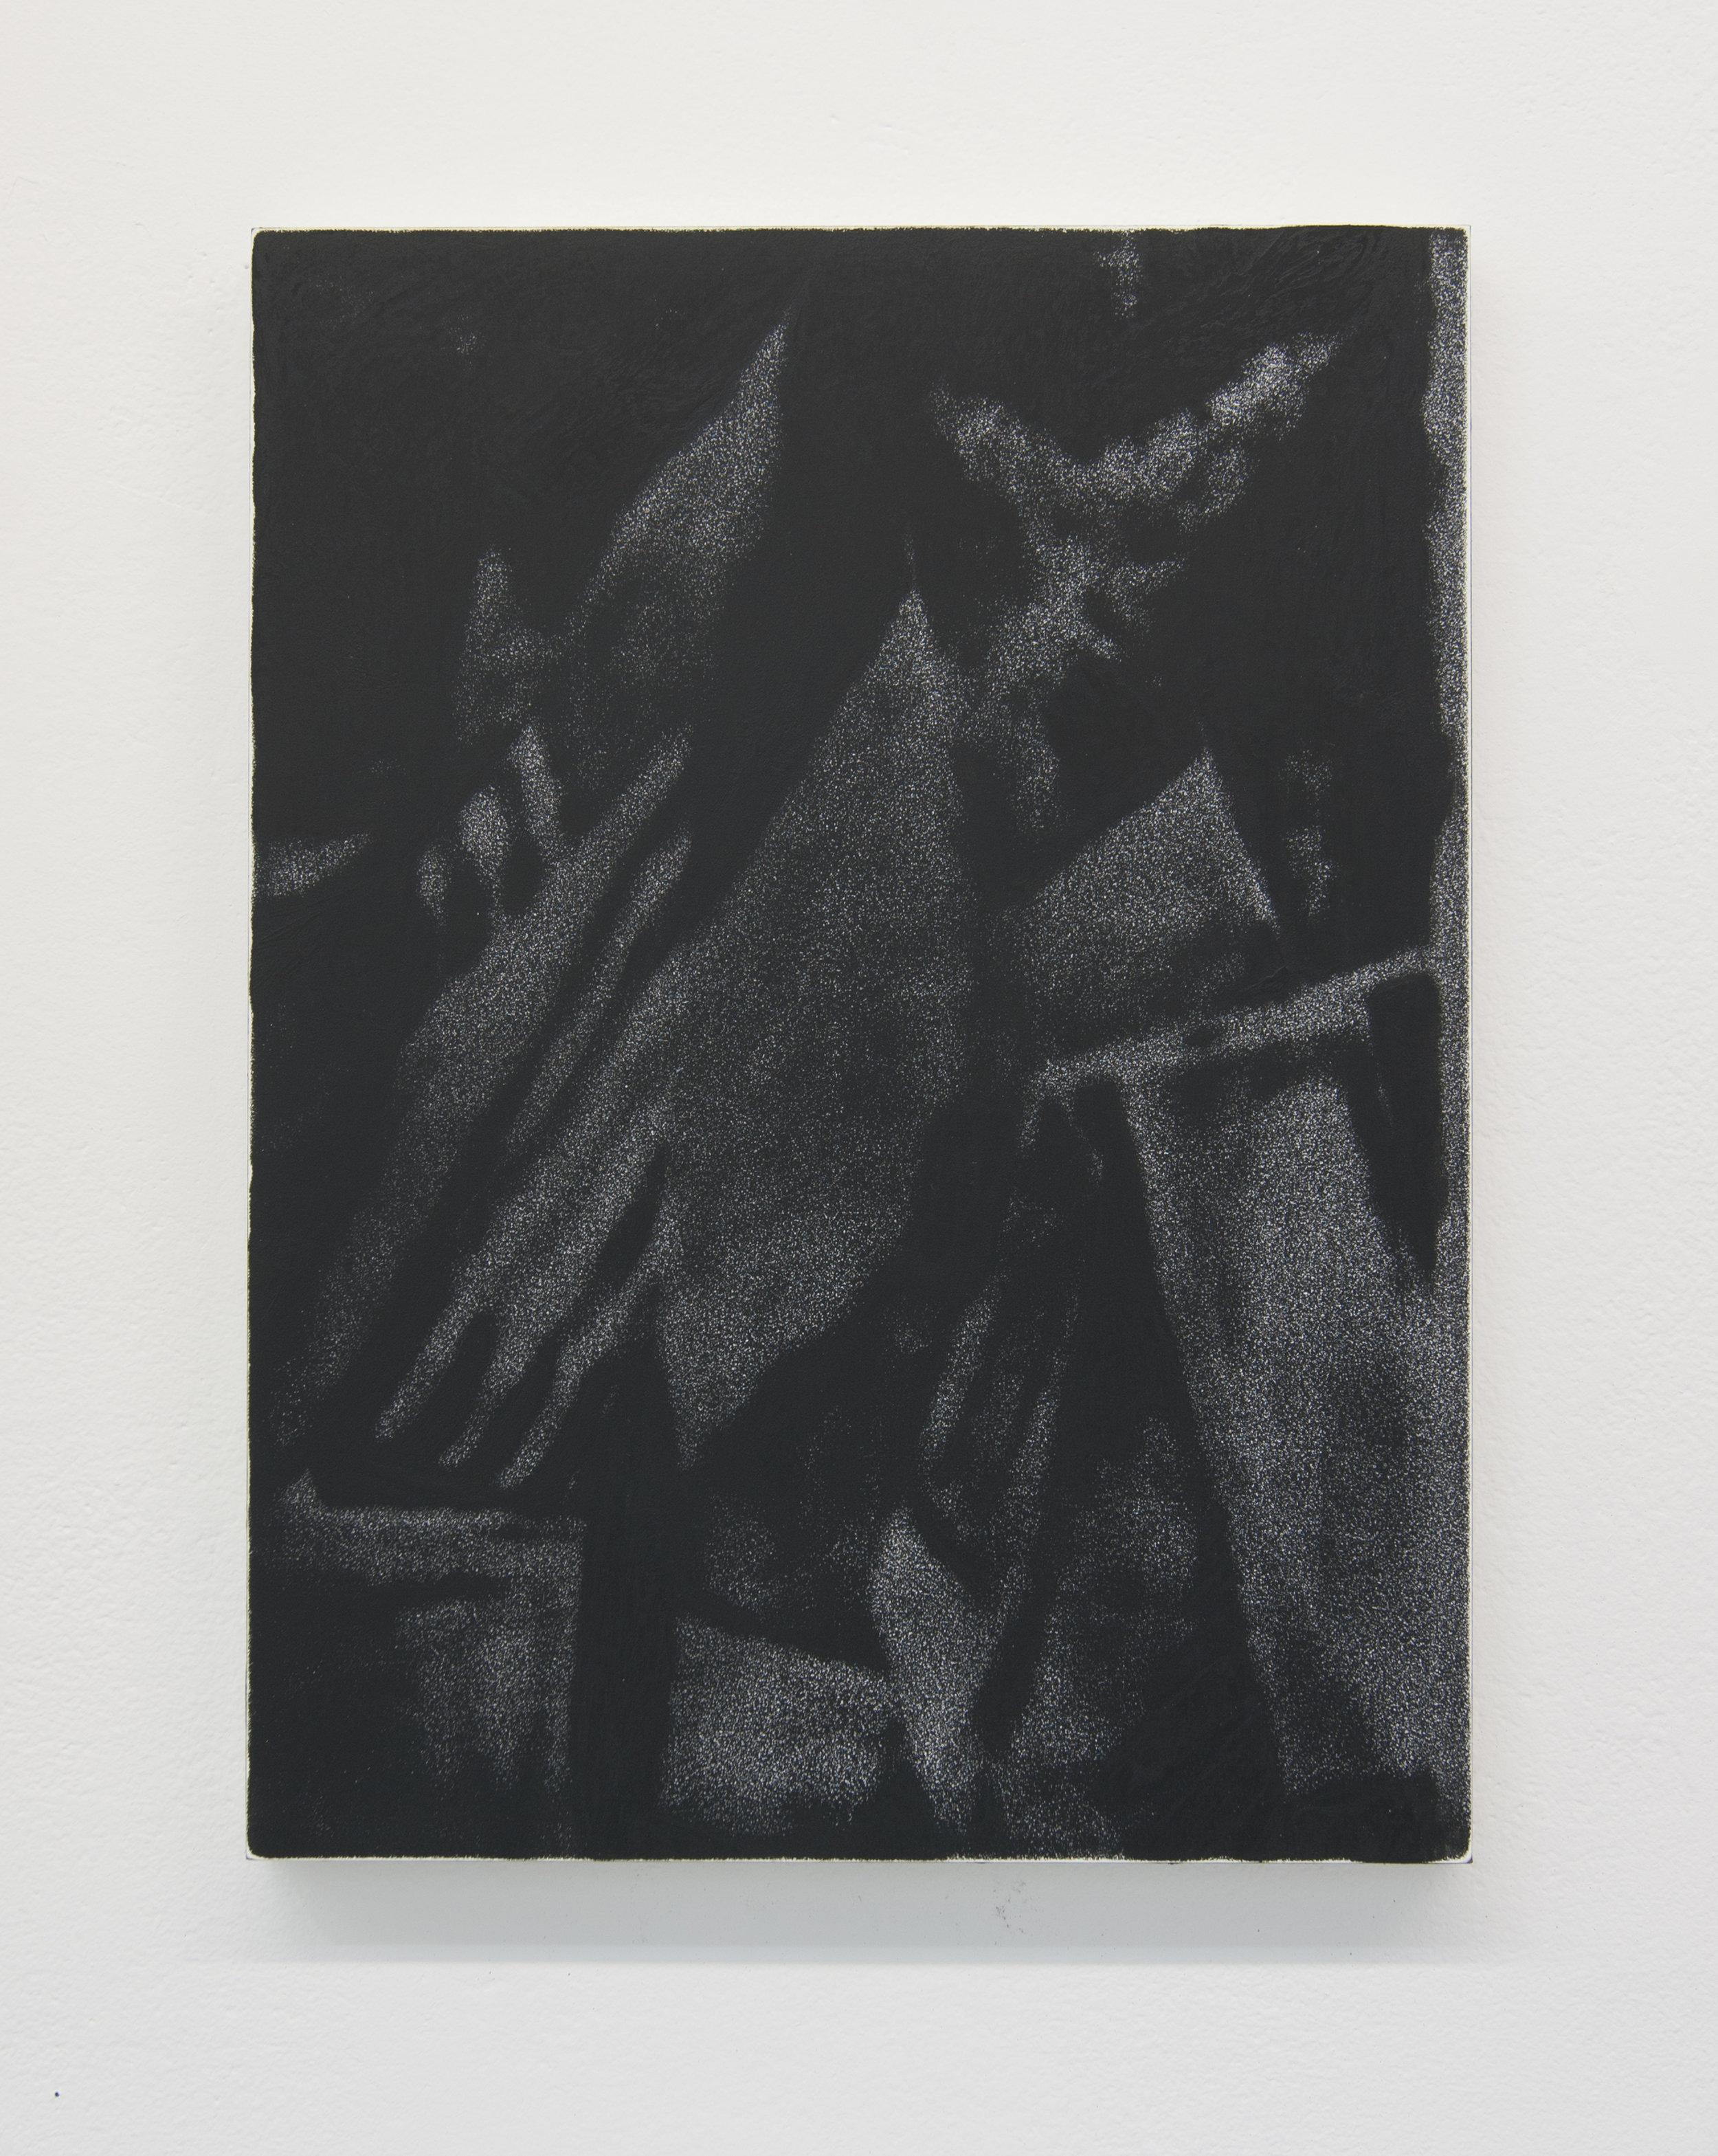 OWS III, 2012  Acrylic on panel, 16 x 12 inches